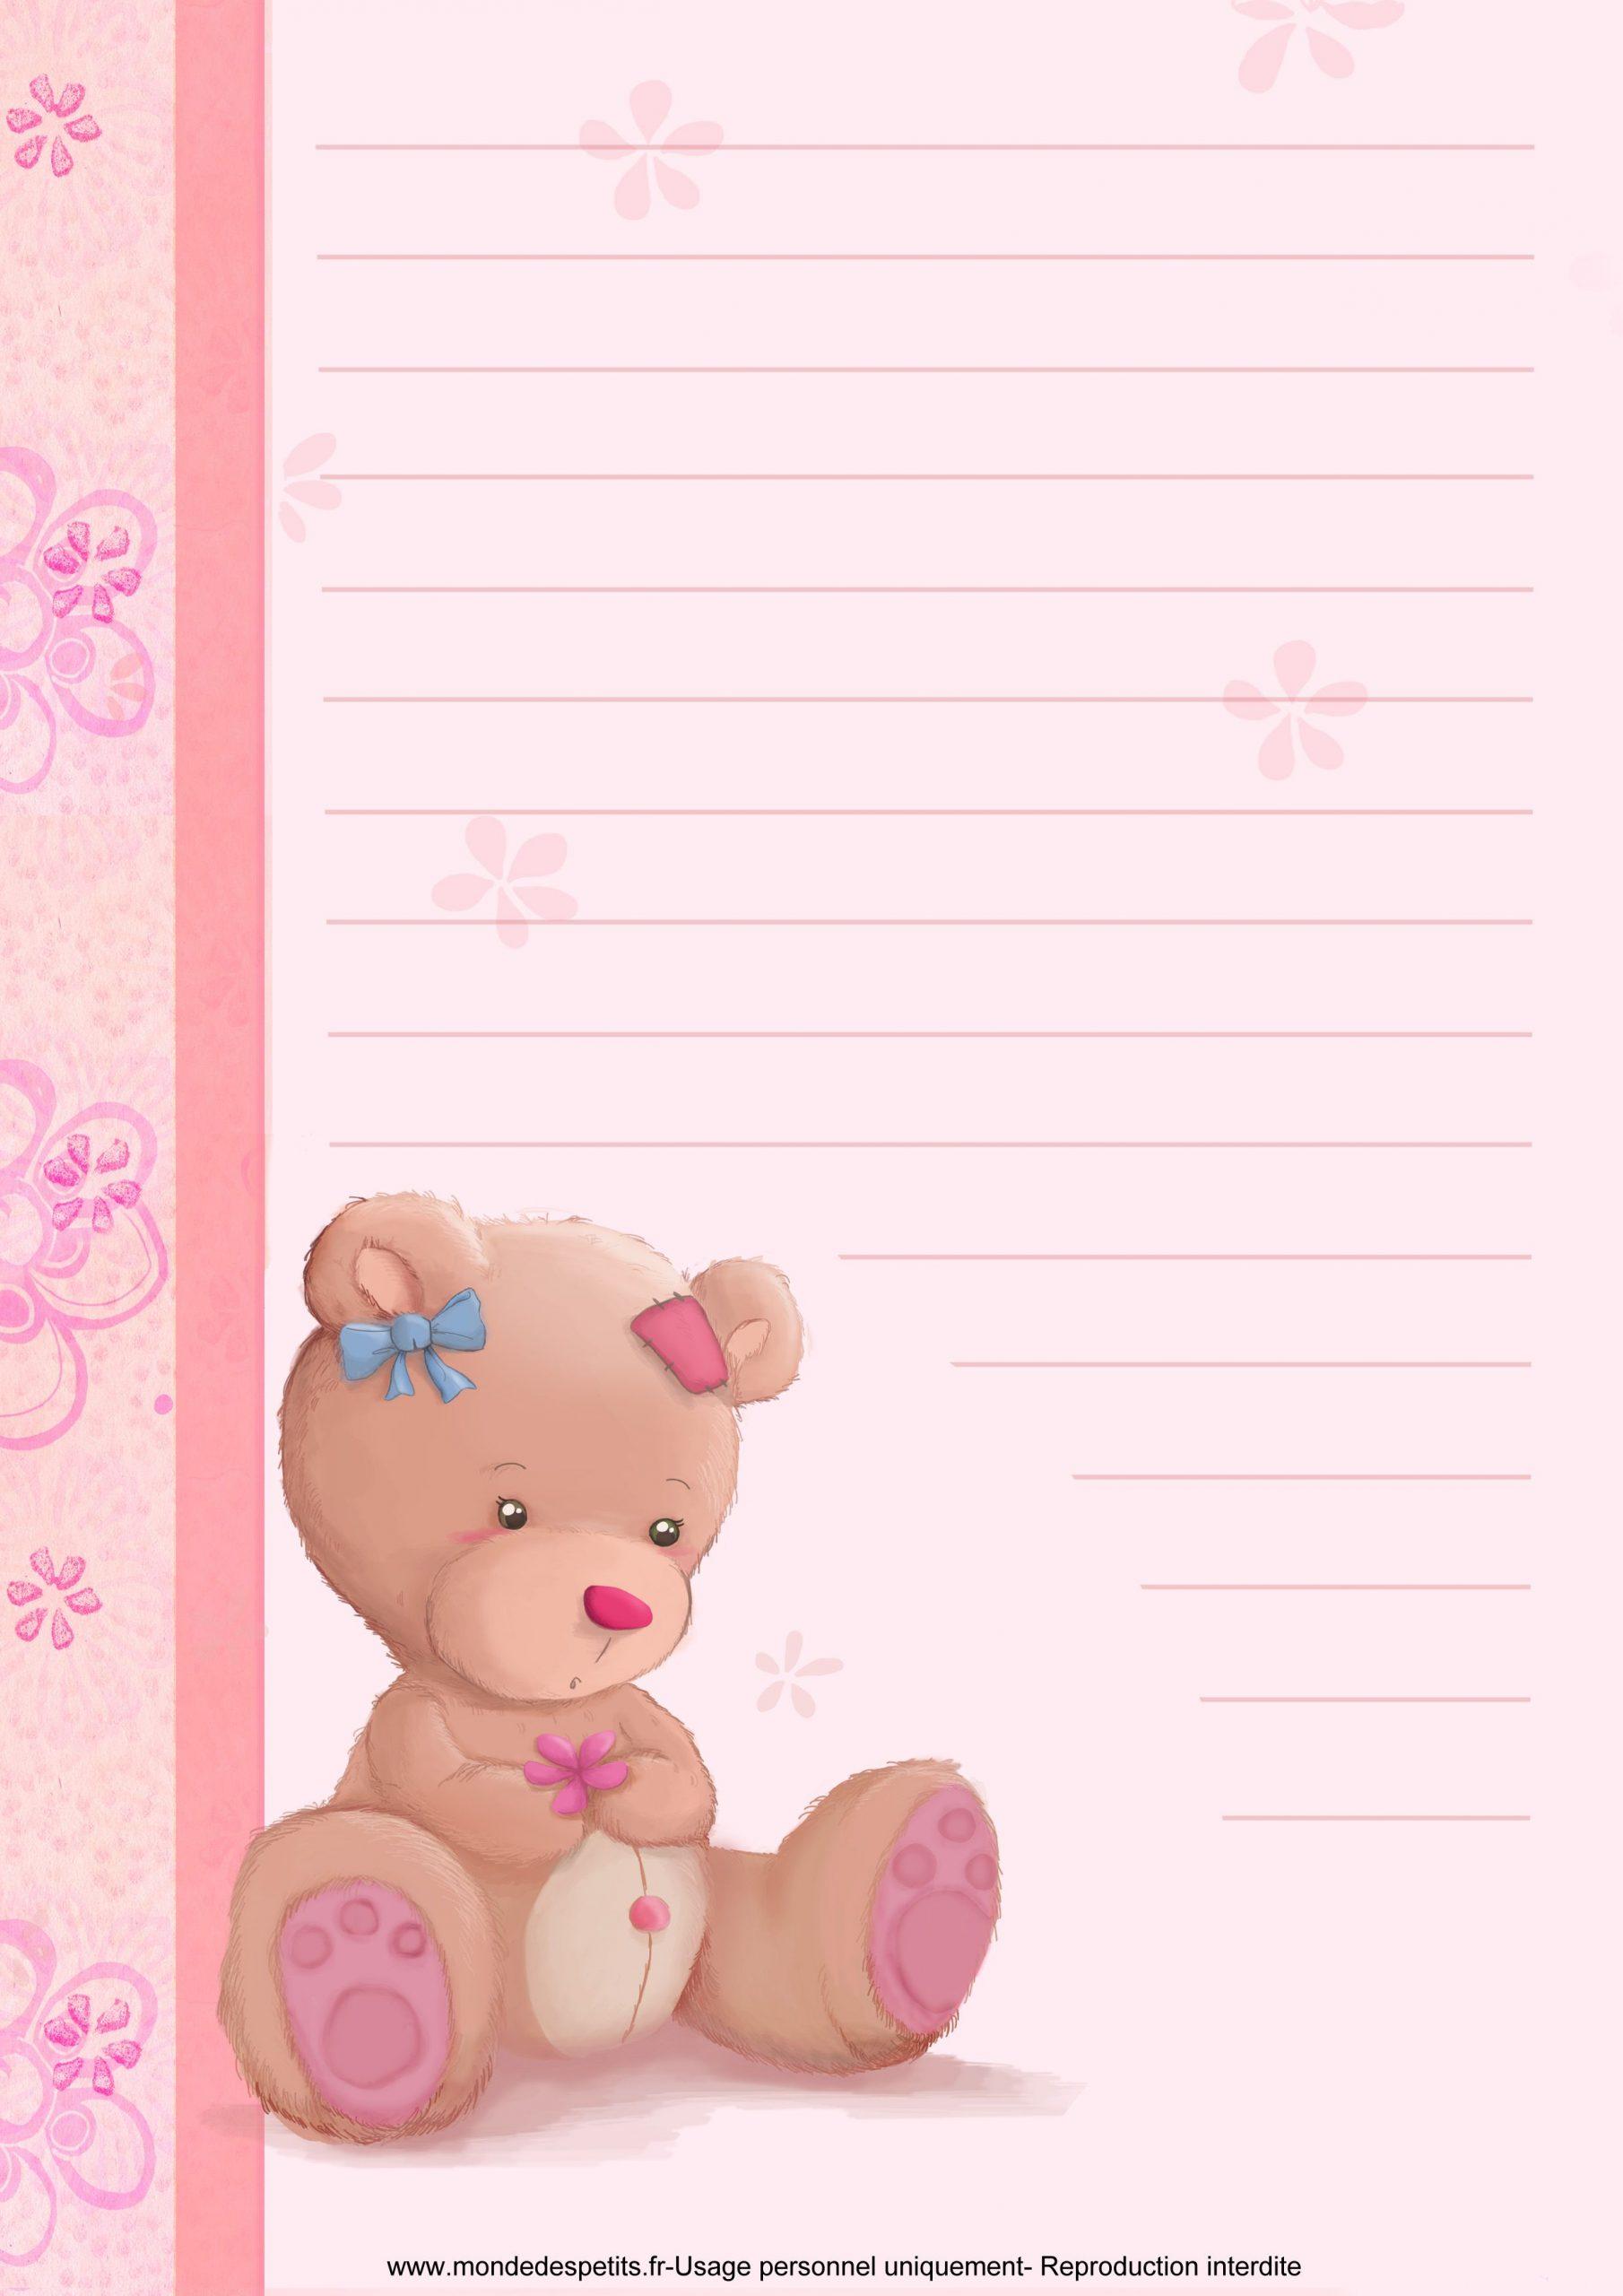 Papier À Lettre Nounours En 2020 | Papier À Lettre, Papier À concernant Papier A Lettre Enfant